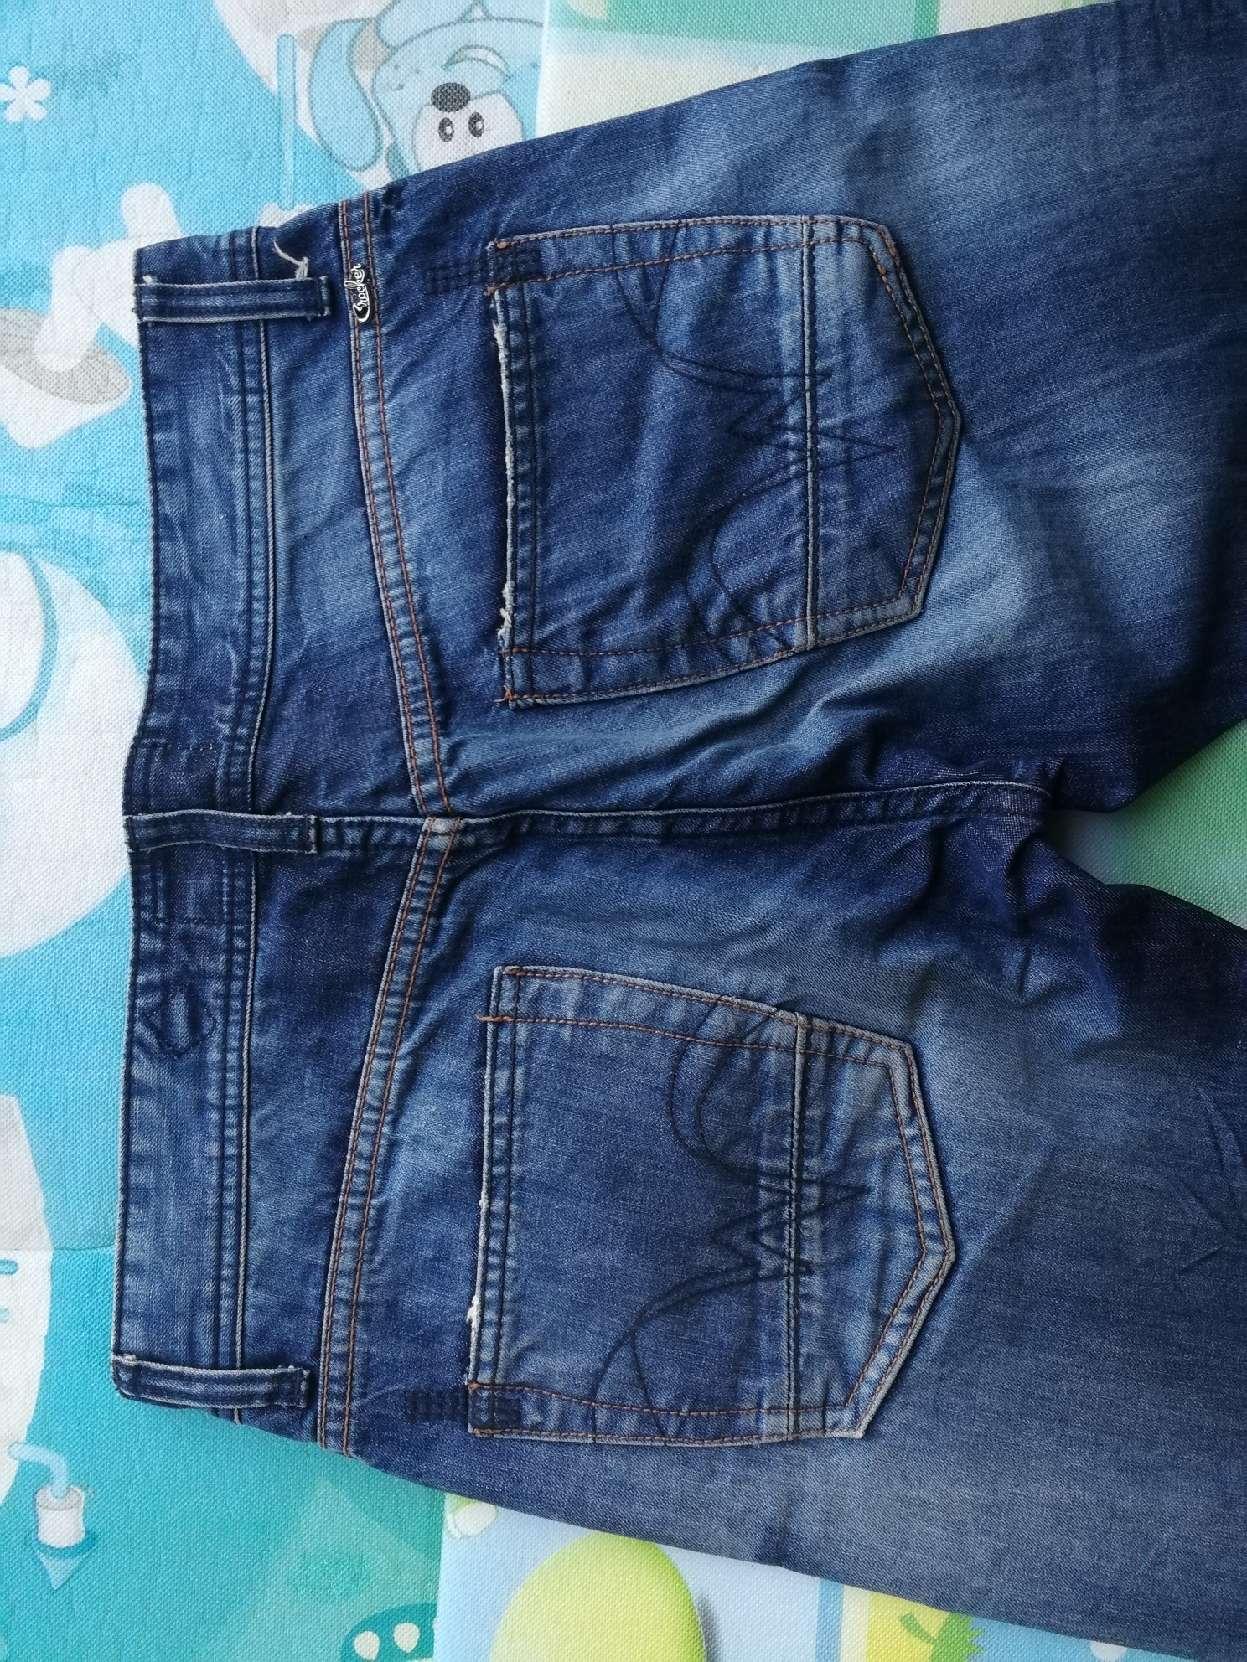 八成新男士牛仔裤,腰围84裤长112,直筒大腿围较瘦,适合大